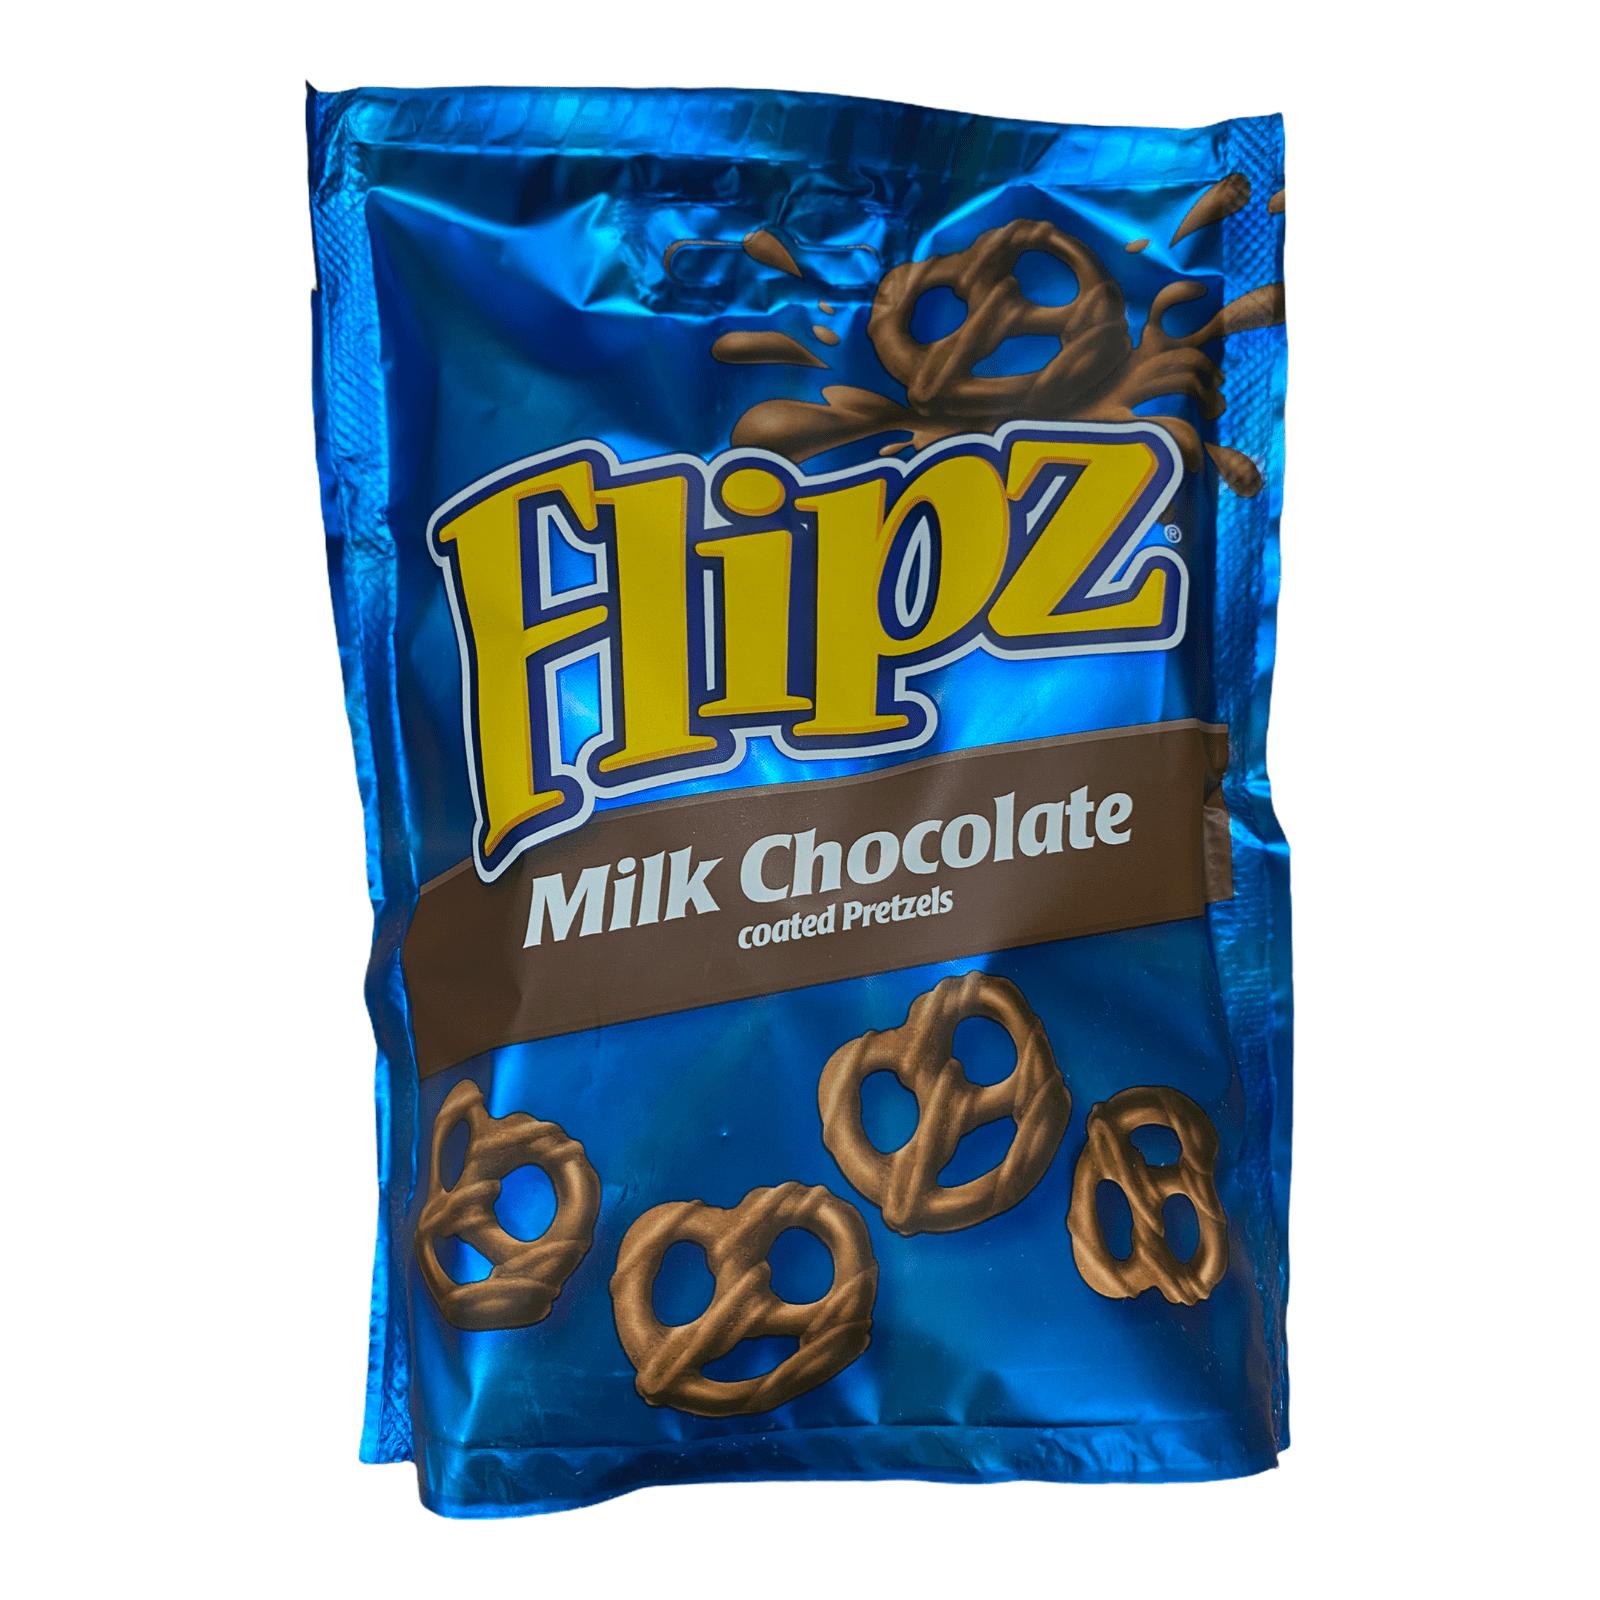 Flipz Milk Chocolate - Brezeln mit Milchschokoladen-Überzug - 90g